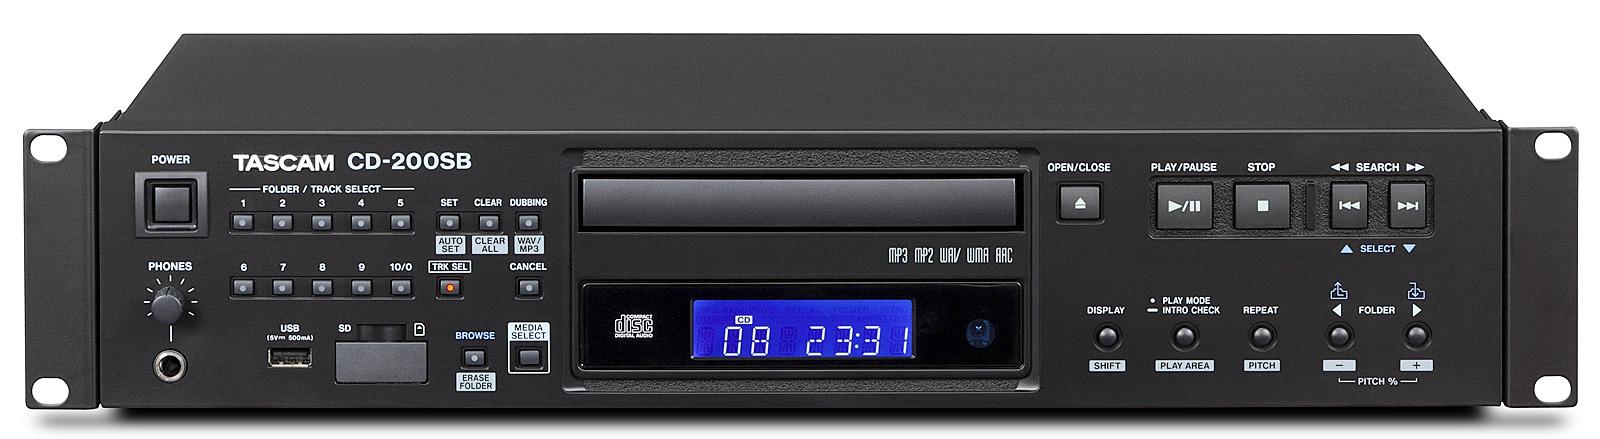 Tascam CD-200SB CD og harddisk afspiller